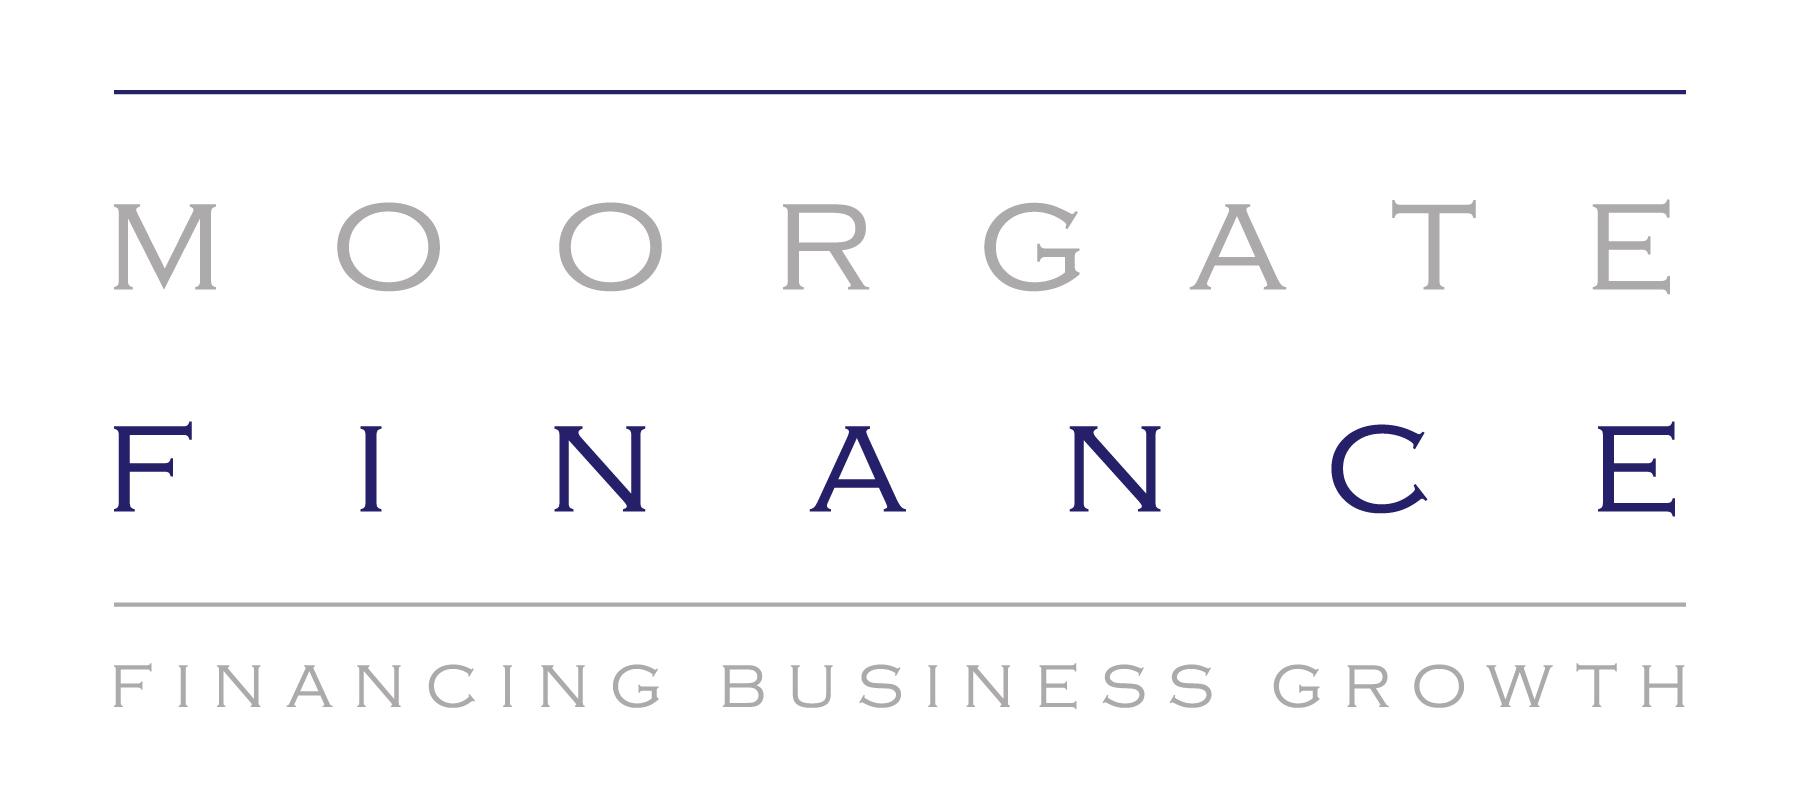 Moorgate Finance